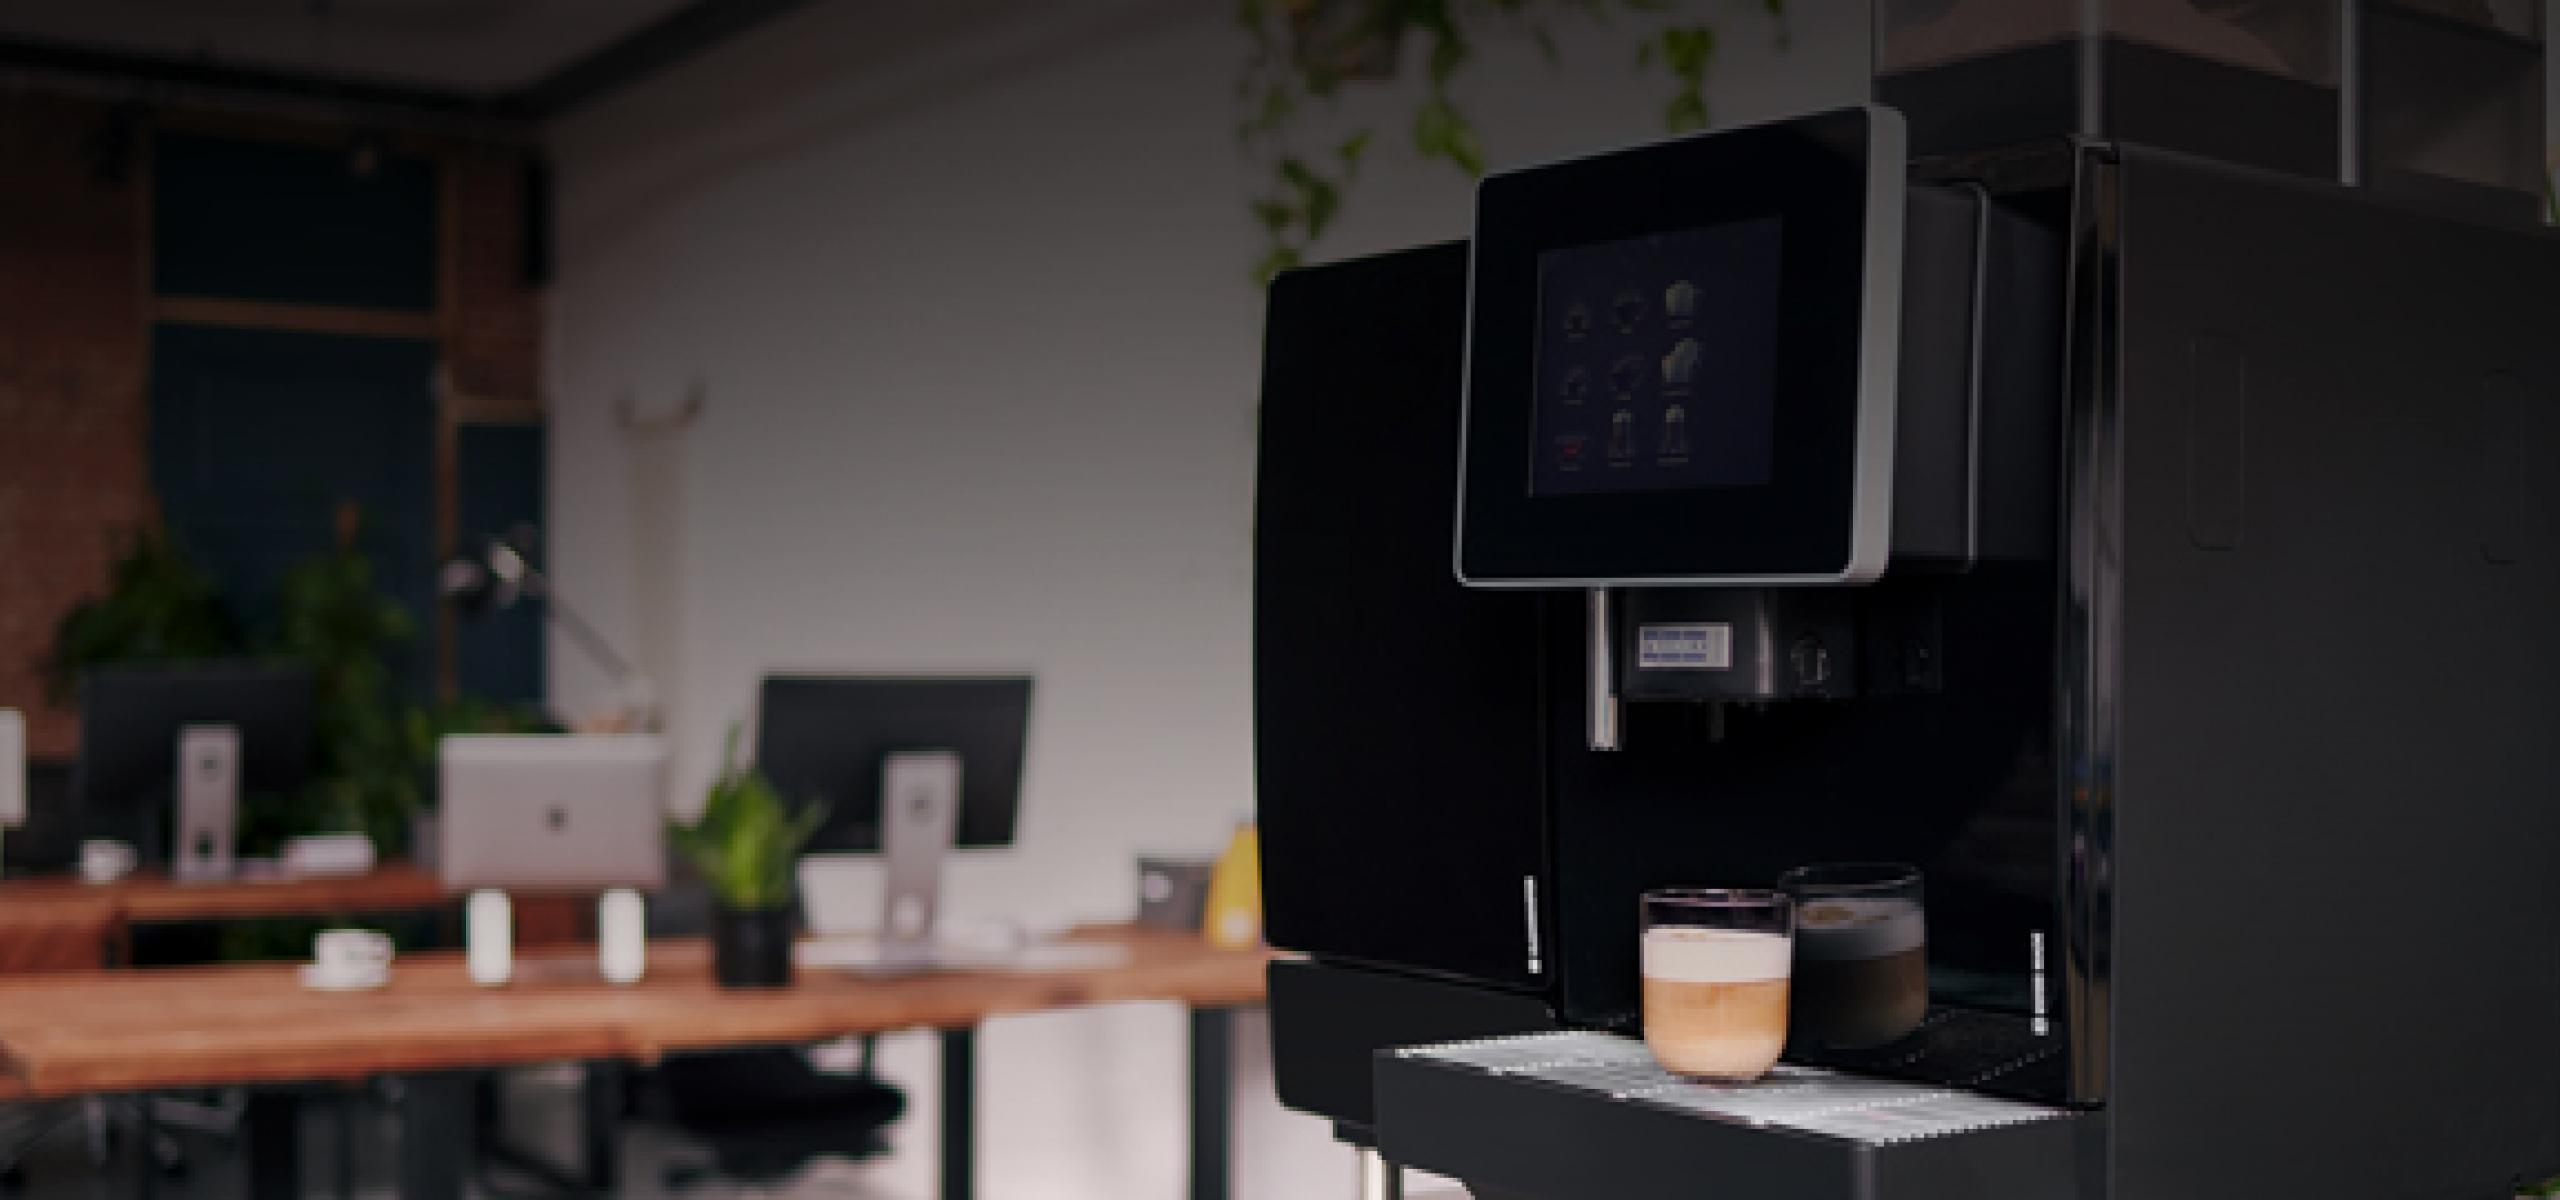 Franke koffiemachines van Swiss Made kwaliteit